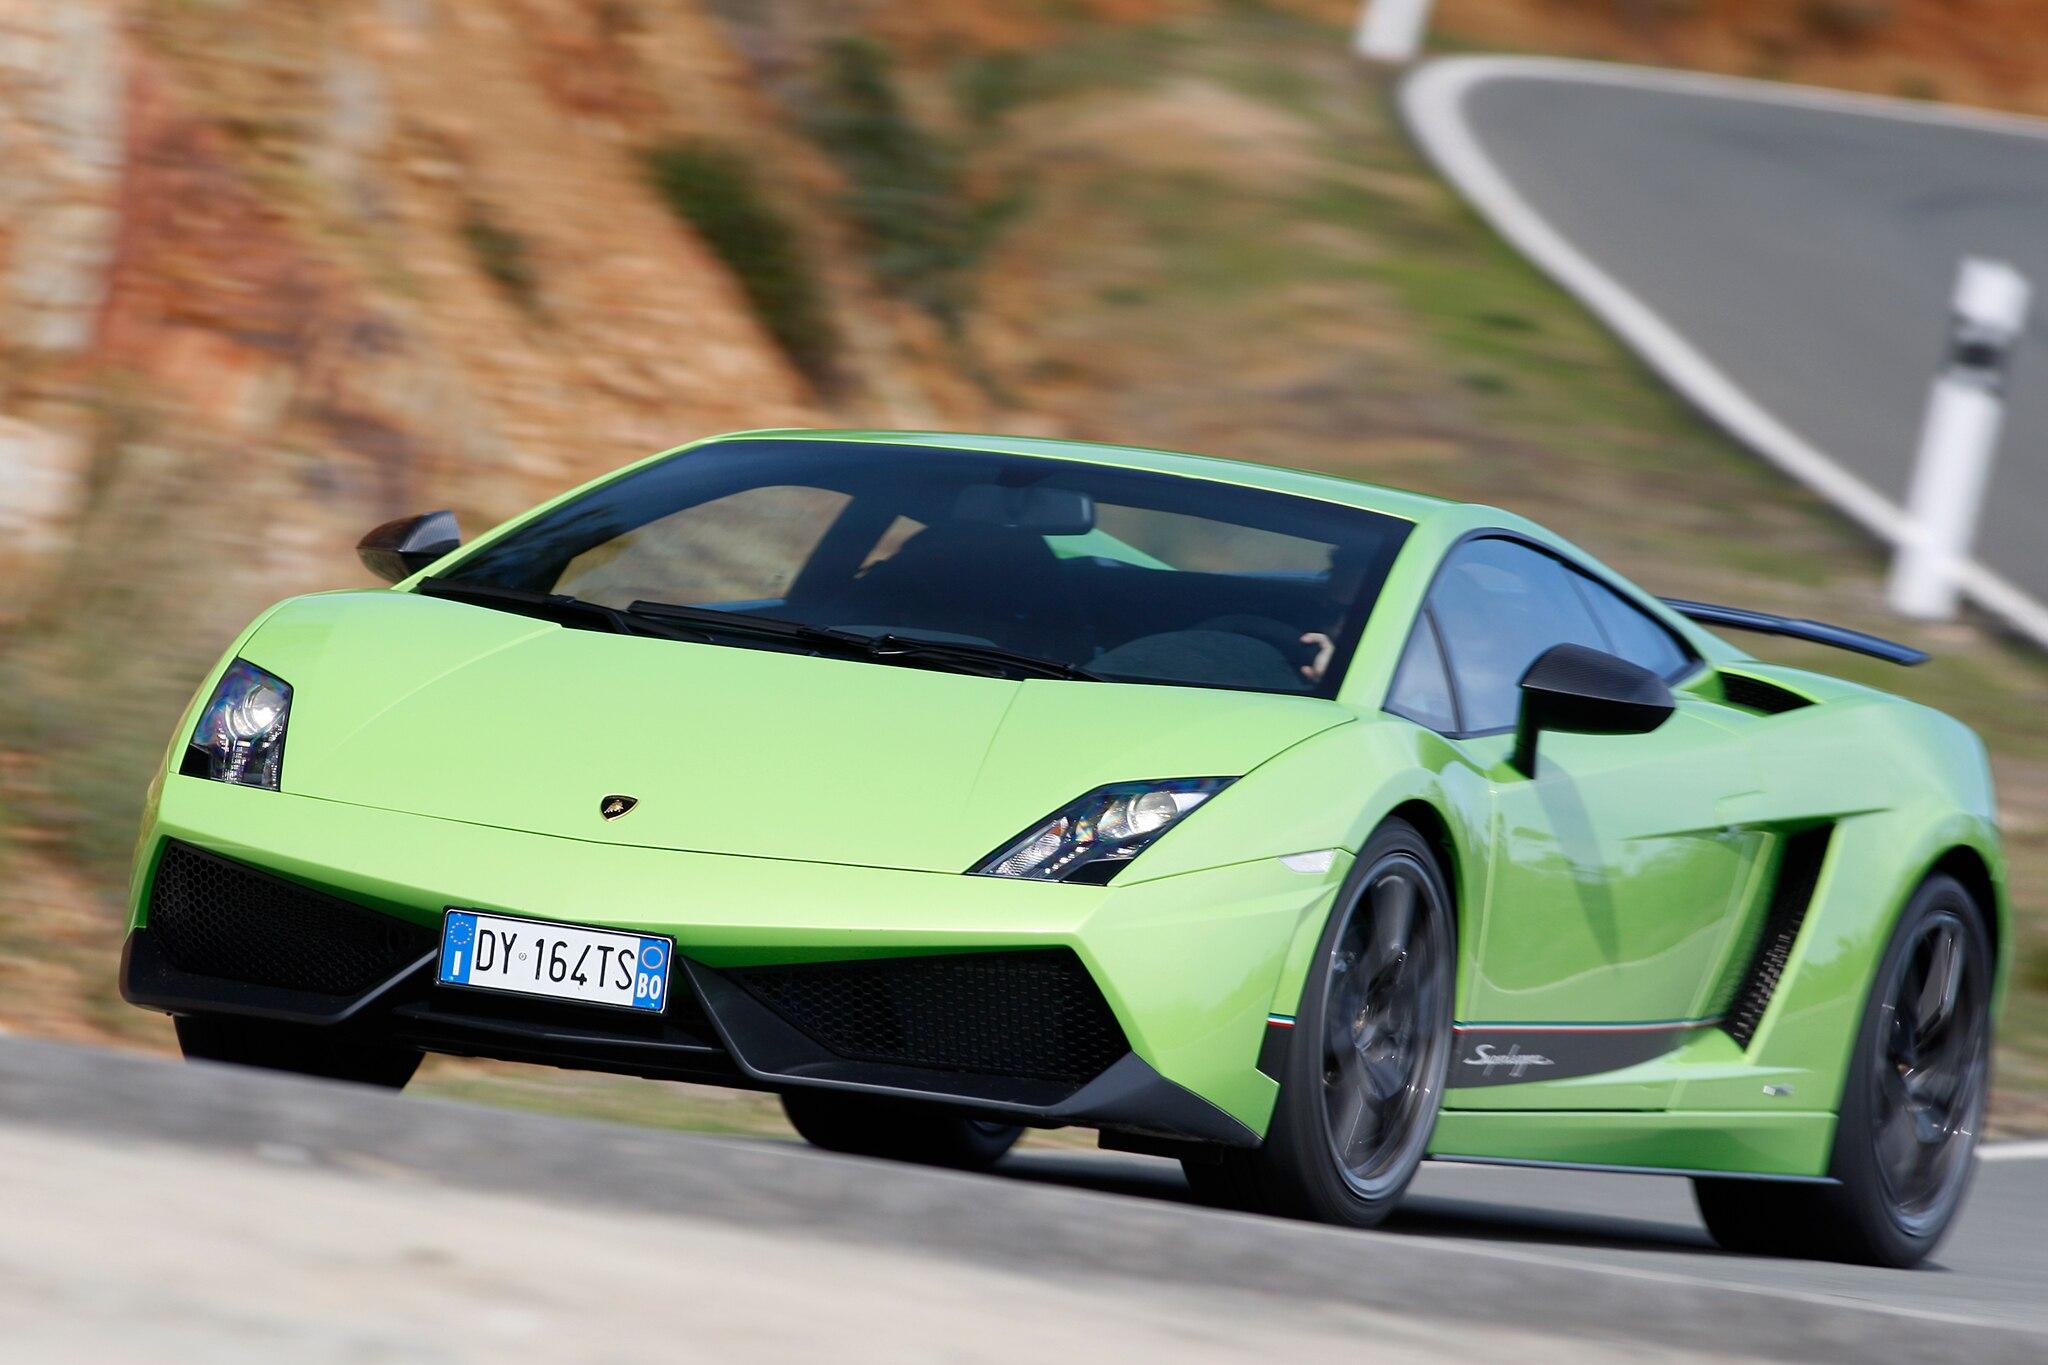 2014 Lamborghini Gallardo LP 570 4 Superleggera